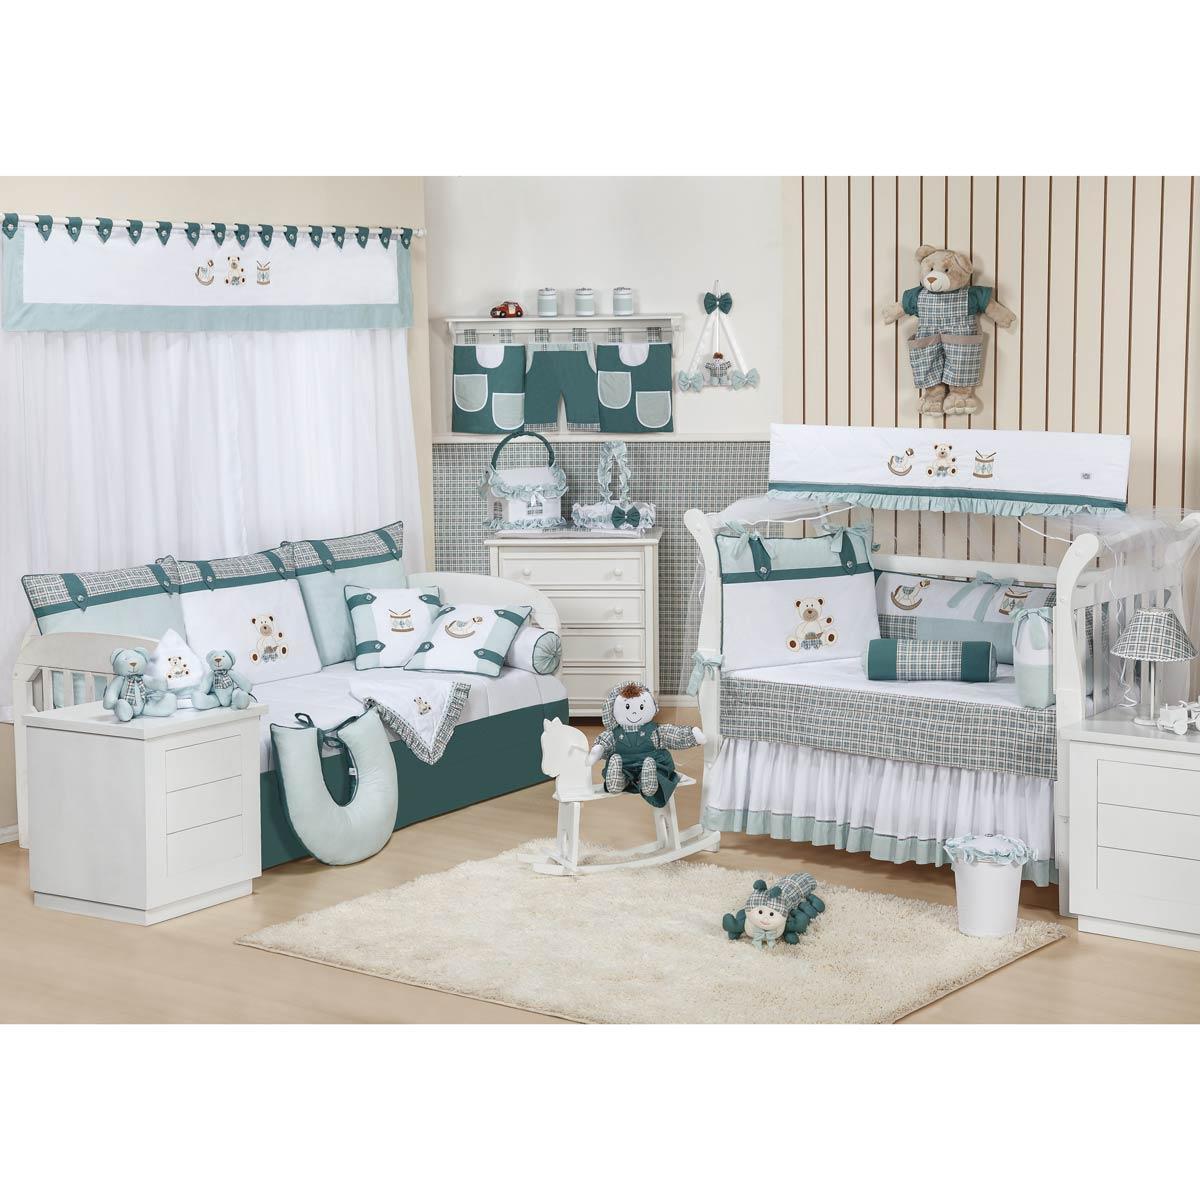 Cesta Farmacia p/ Quarto de Bebê - Coleção Brinquedos Baby